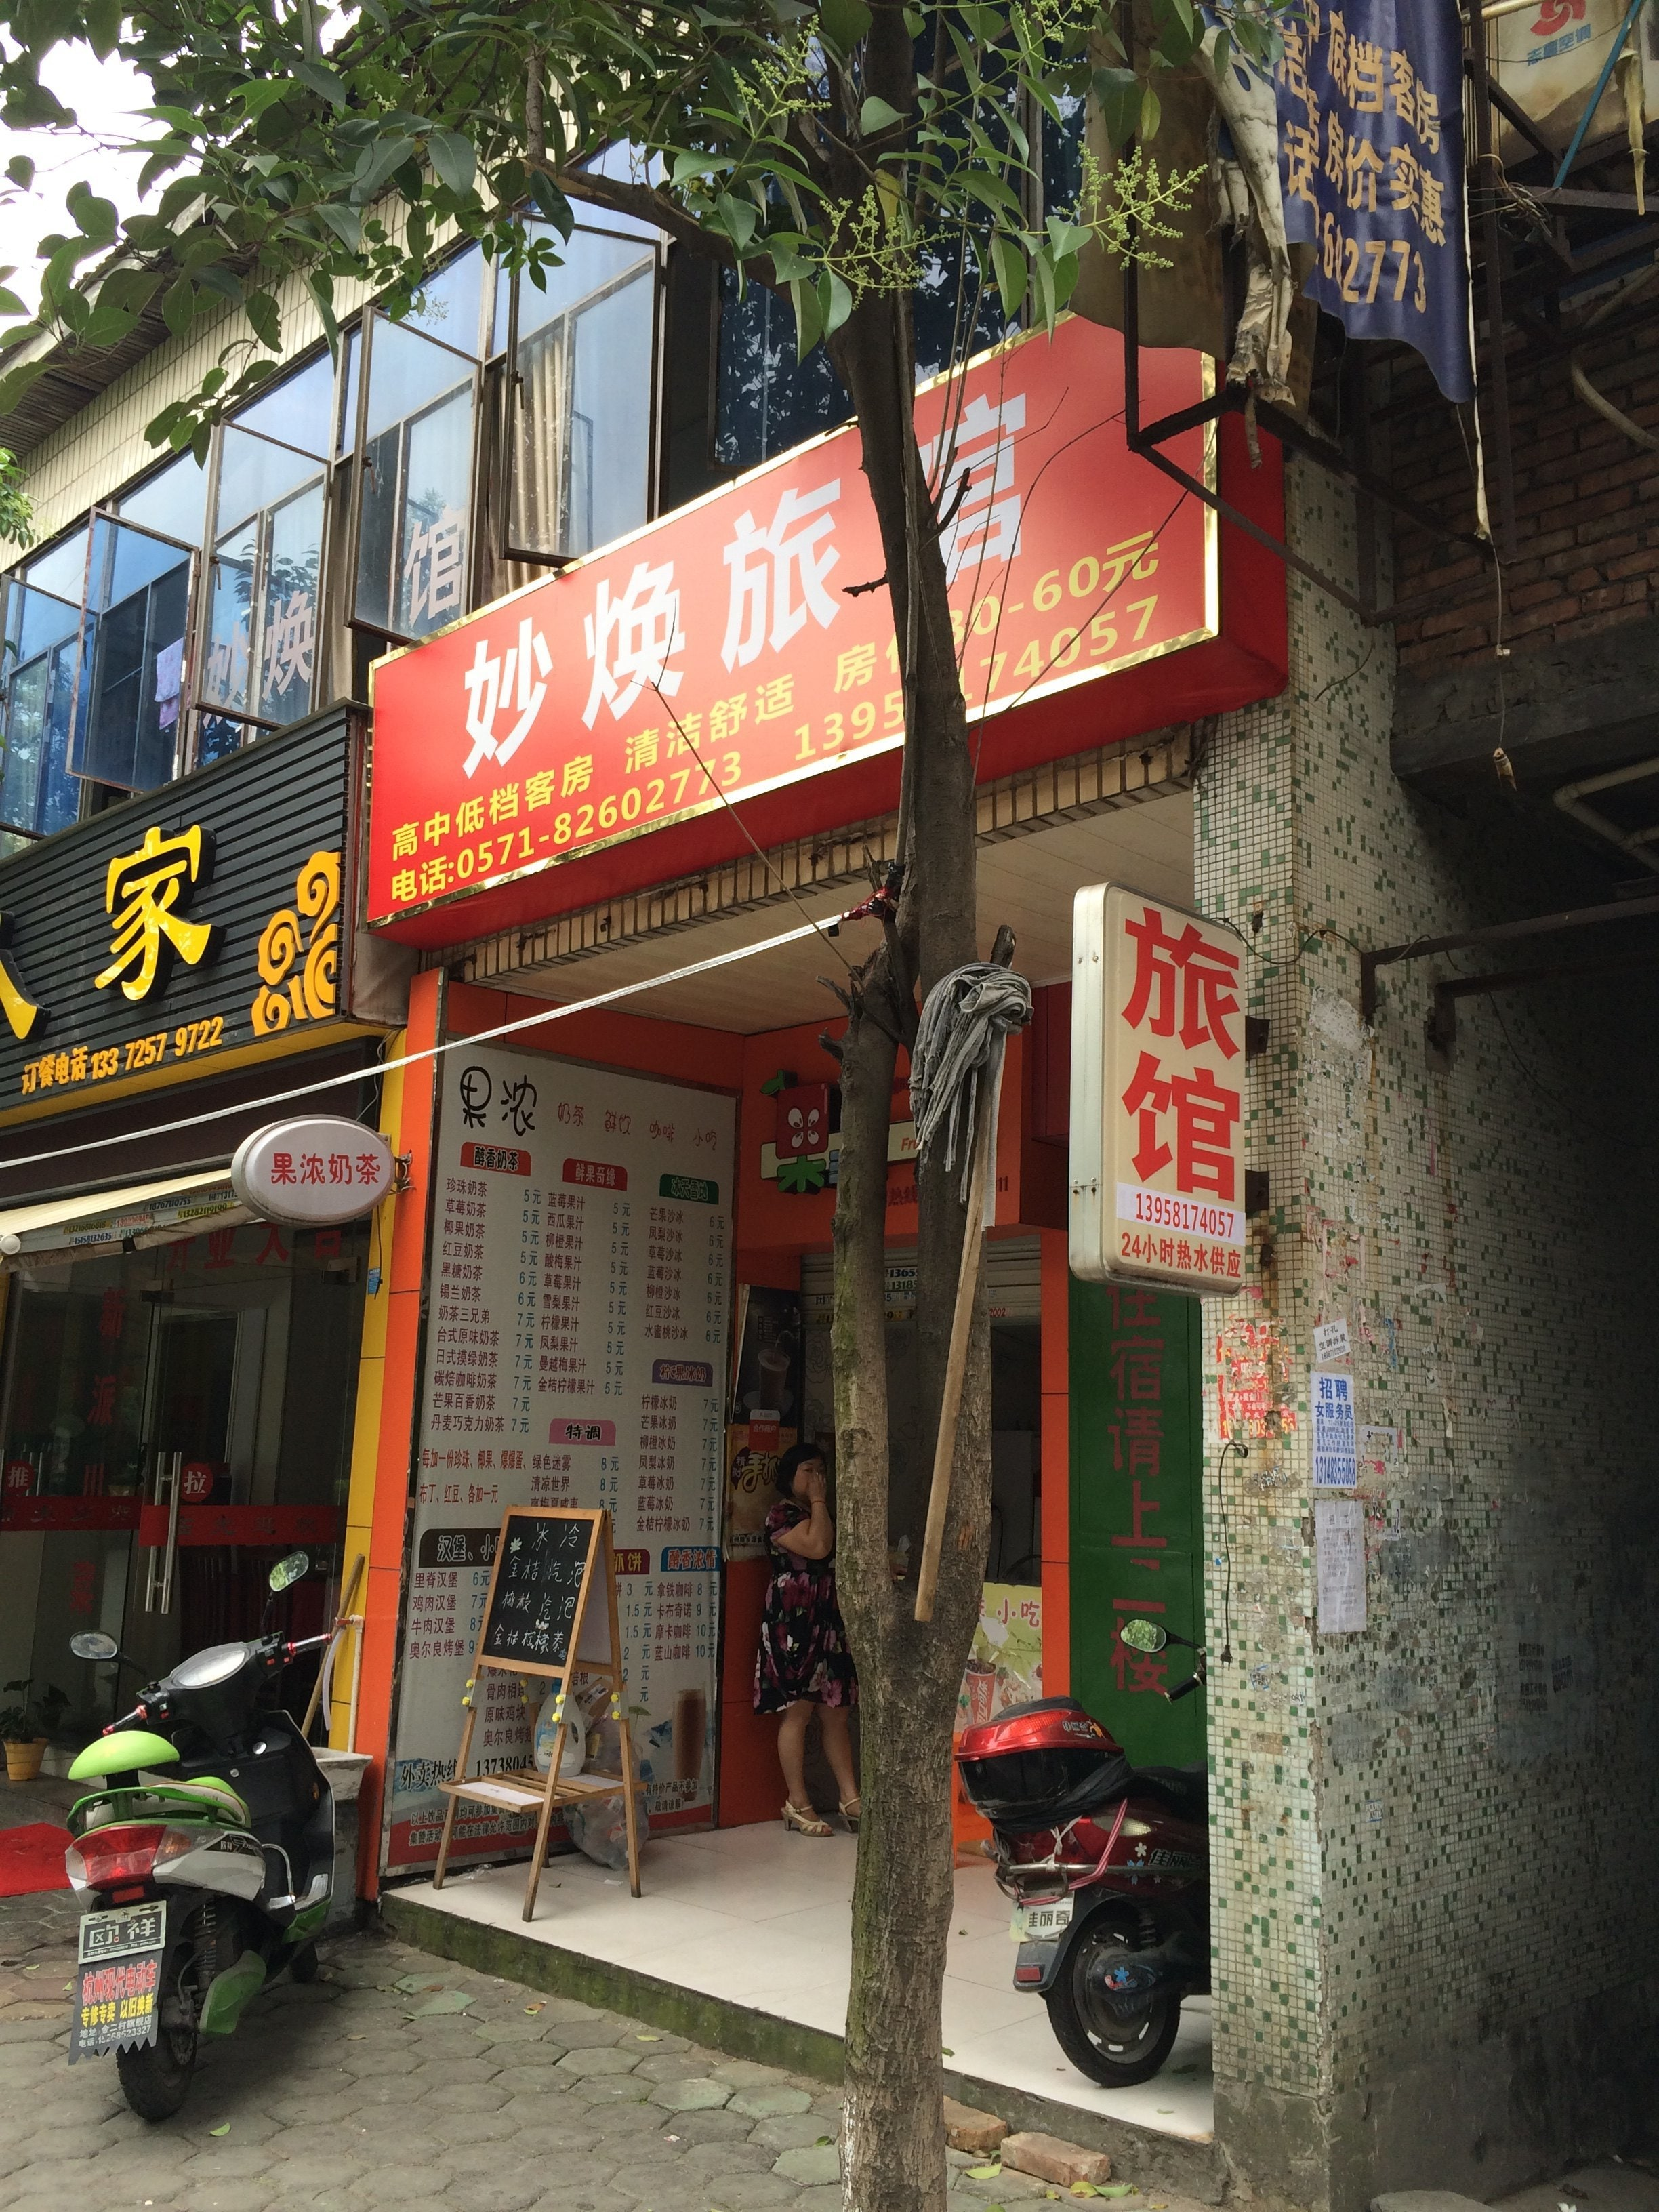 重庆青岛中能足球俱乐部时时彩直播